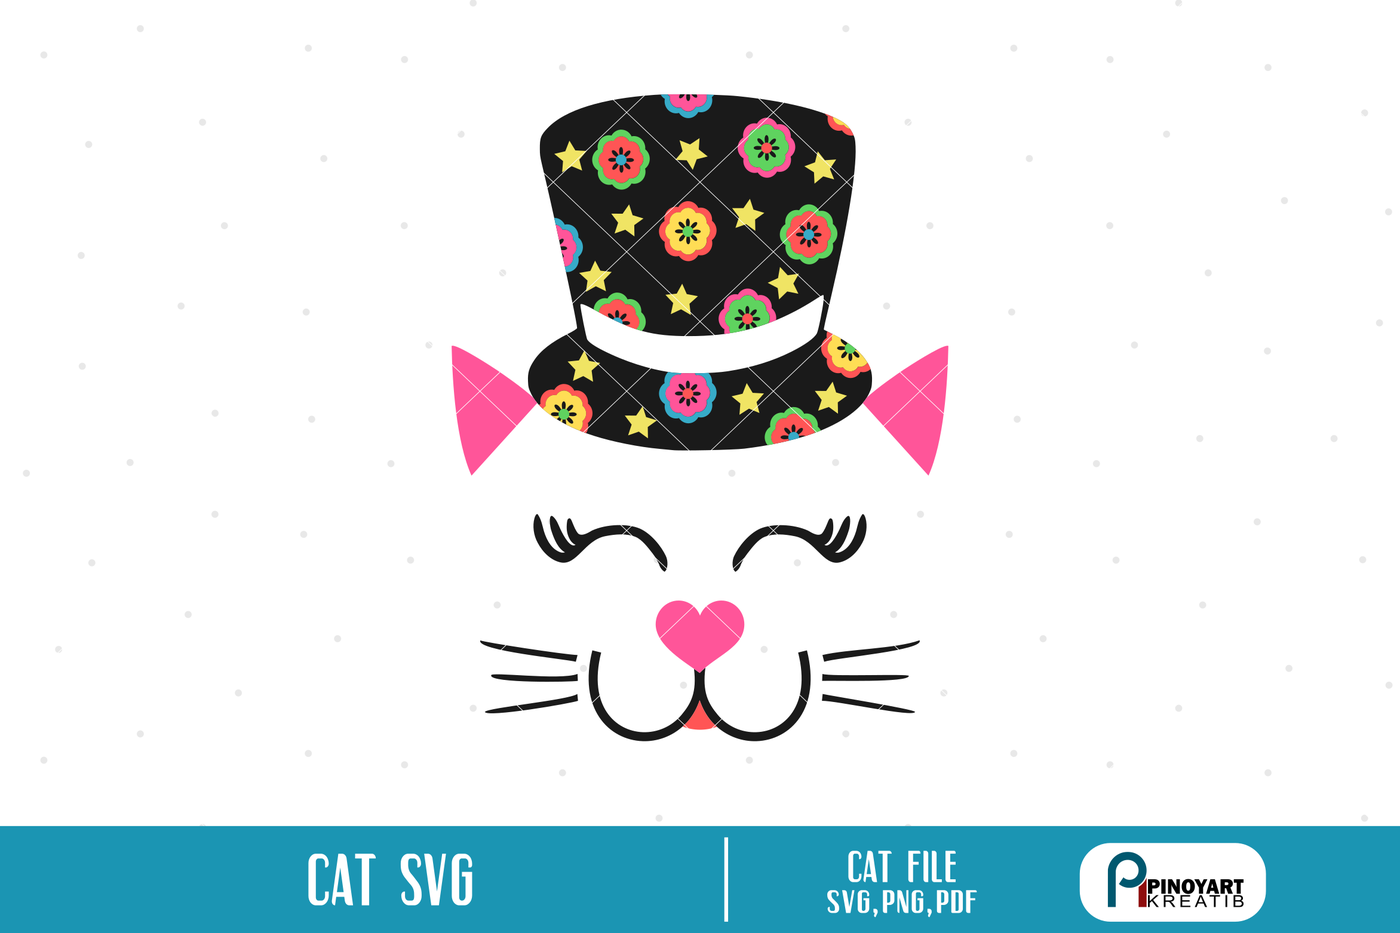 Cat Svg Cat Svg File Cat Pdf File Cat Svg Designs Cat Head Svg Cat